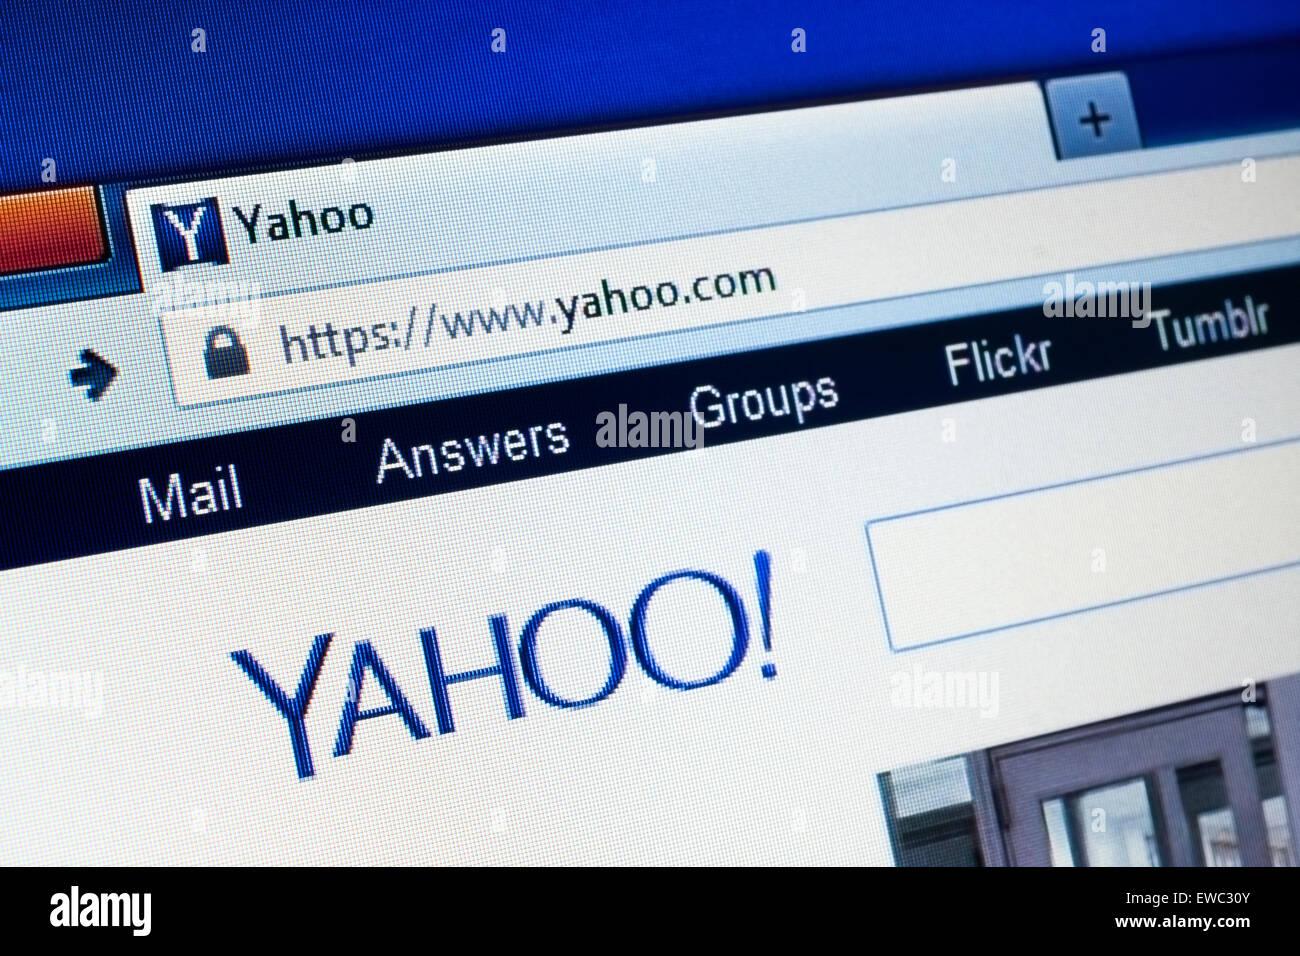 GDANSK, Pologne - 15 avril, 2015.Yahoo Page d'accueil sur l'écran de l'ordinateur. Yahoo est une Photo Stock